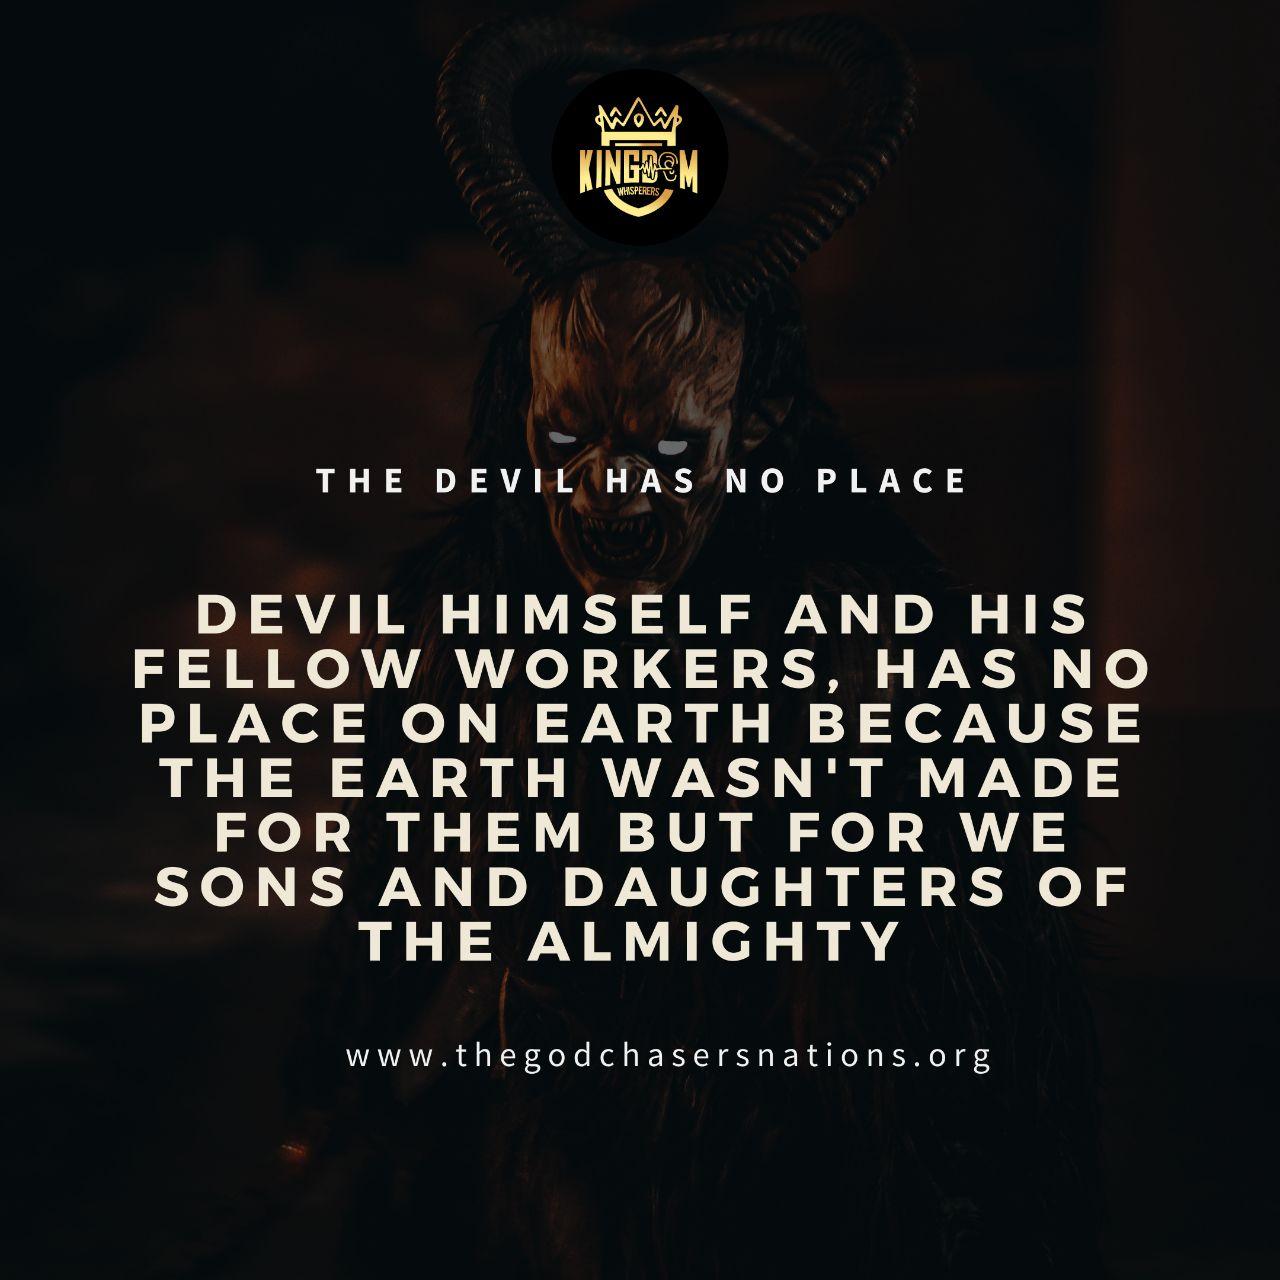 The Devil Has No Place